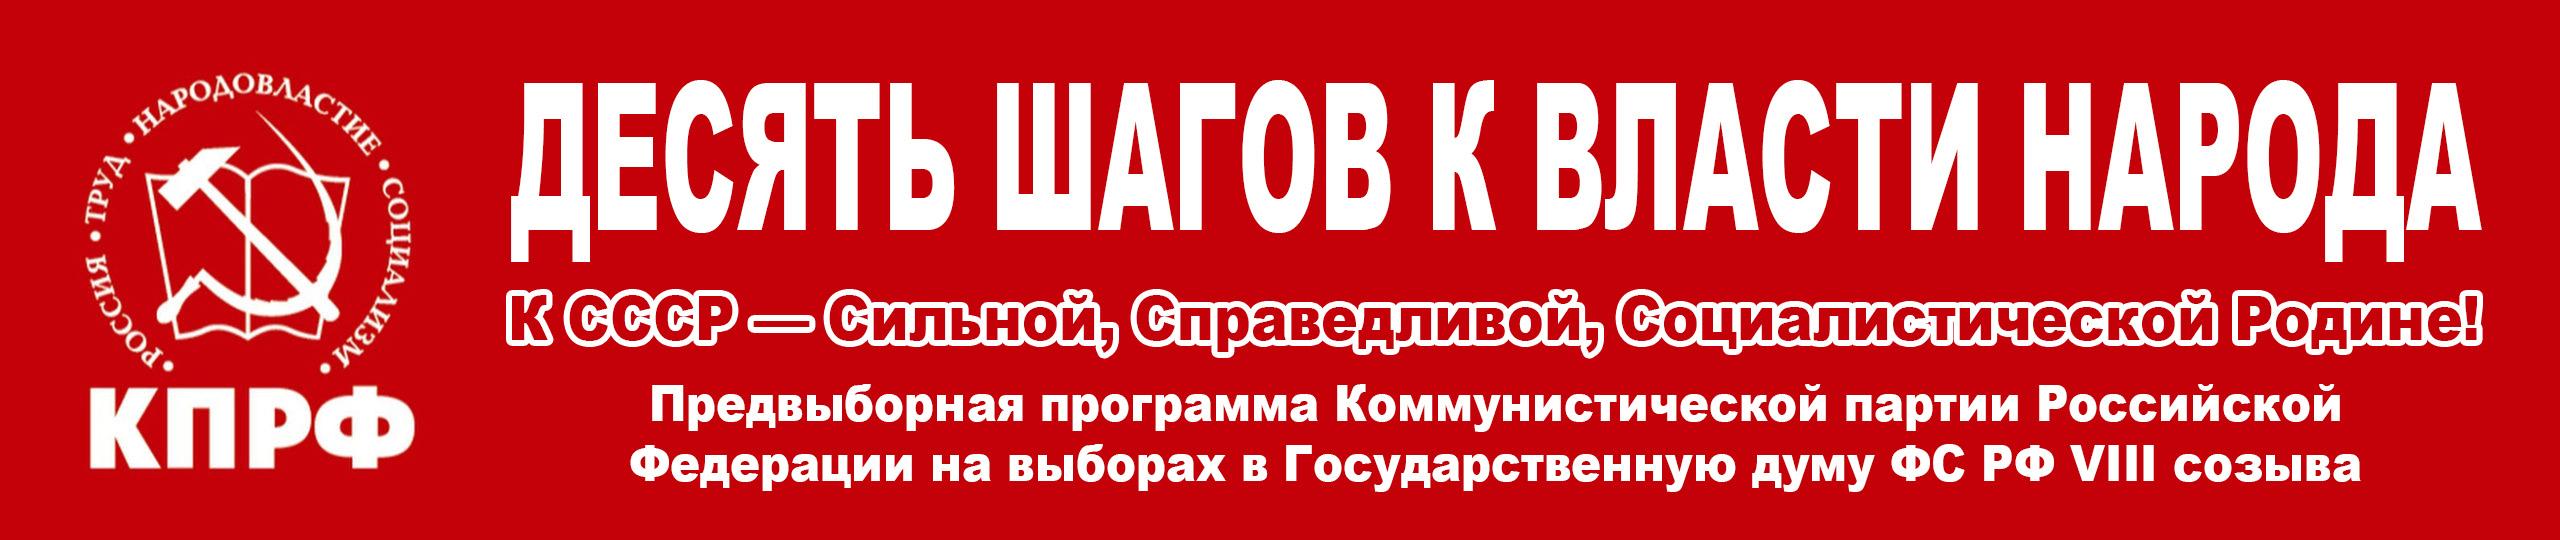 banner_kprf-10 shagov